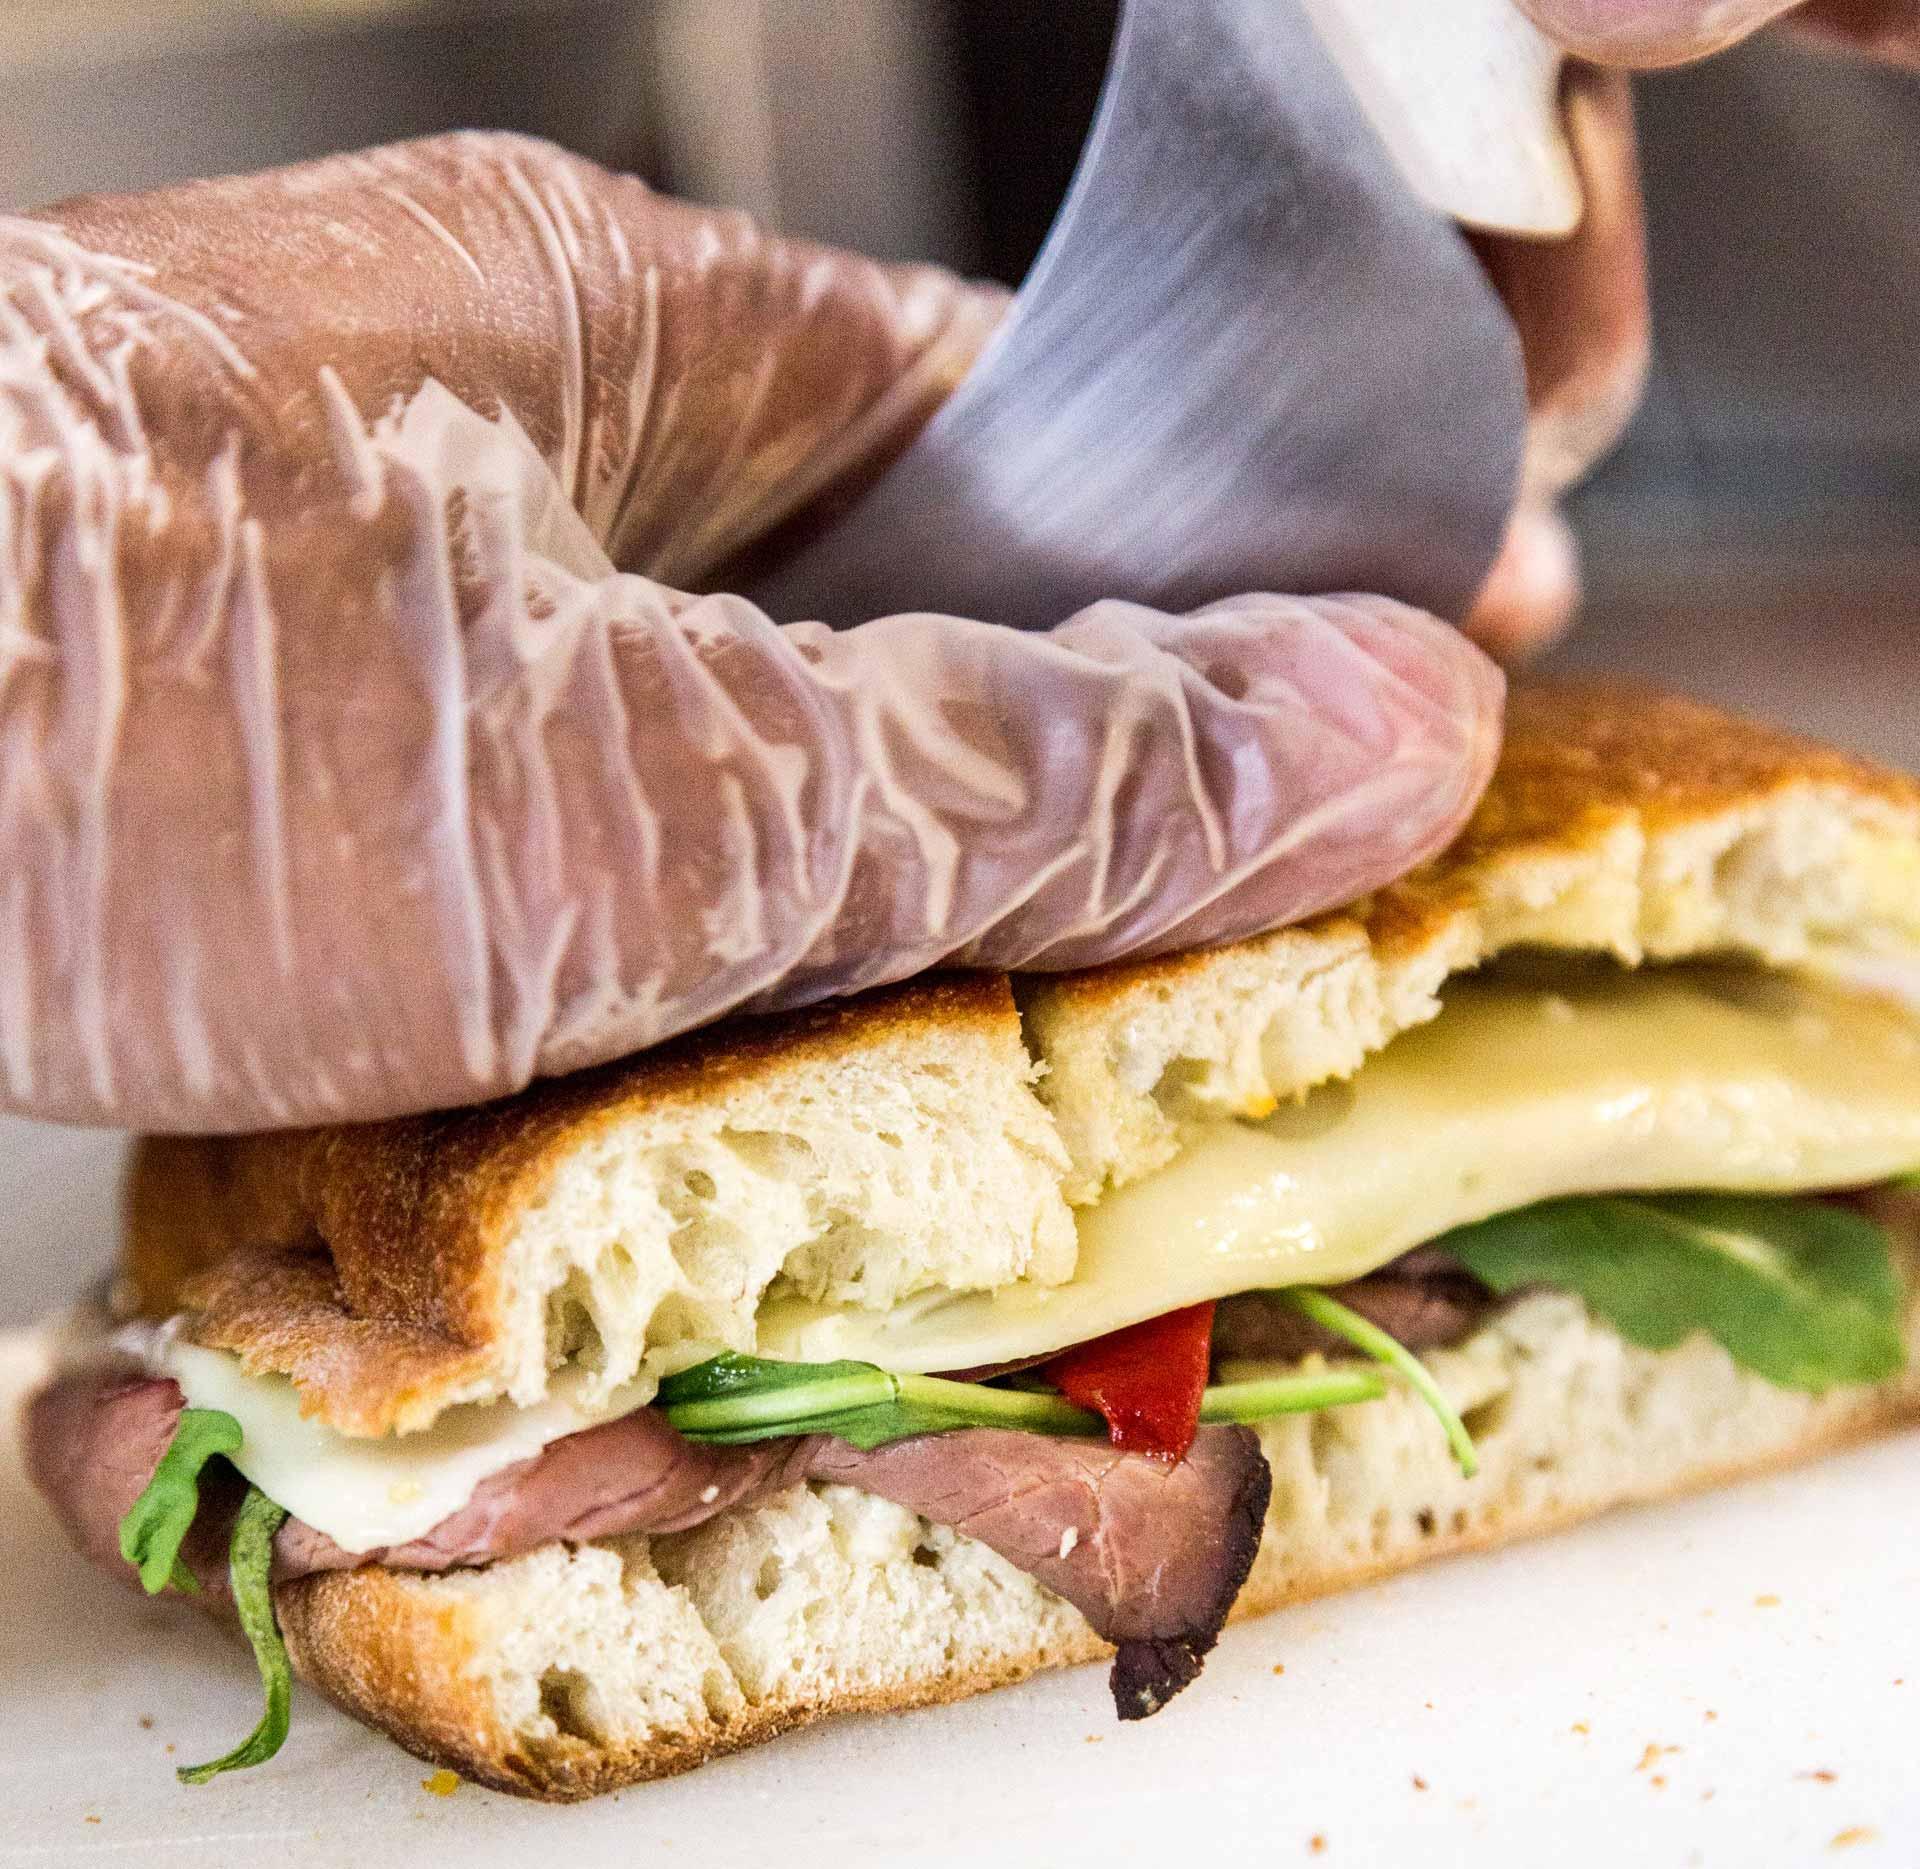 sandwich lunchpakket laten bezorgen